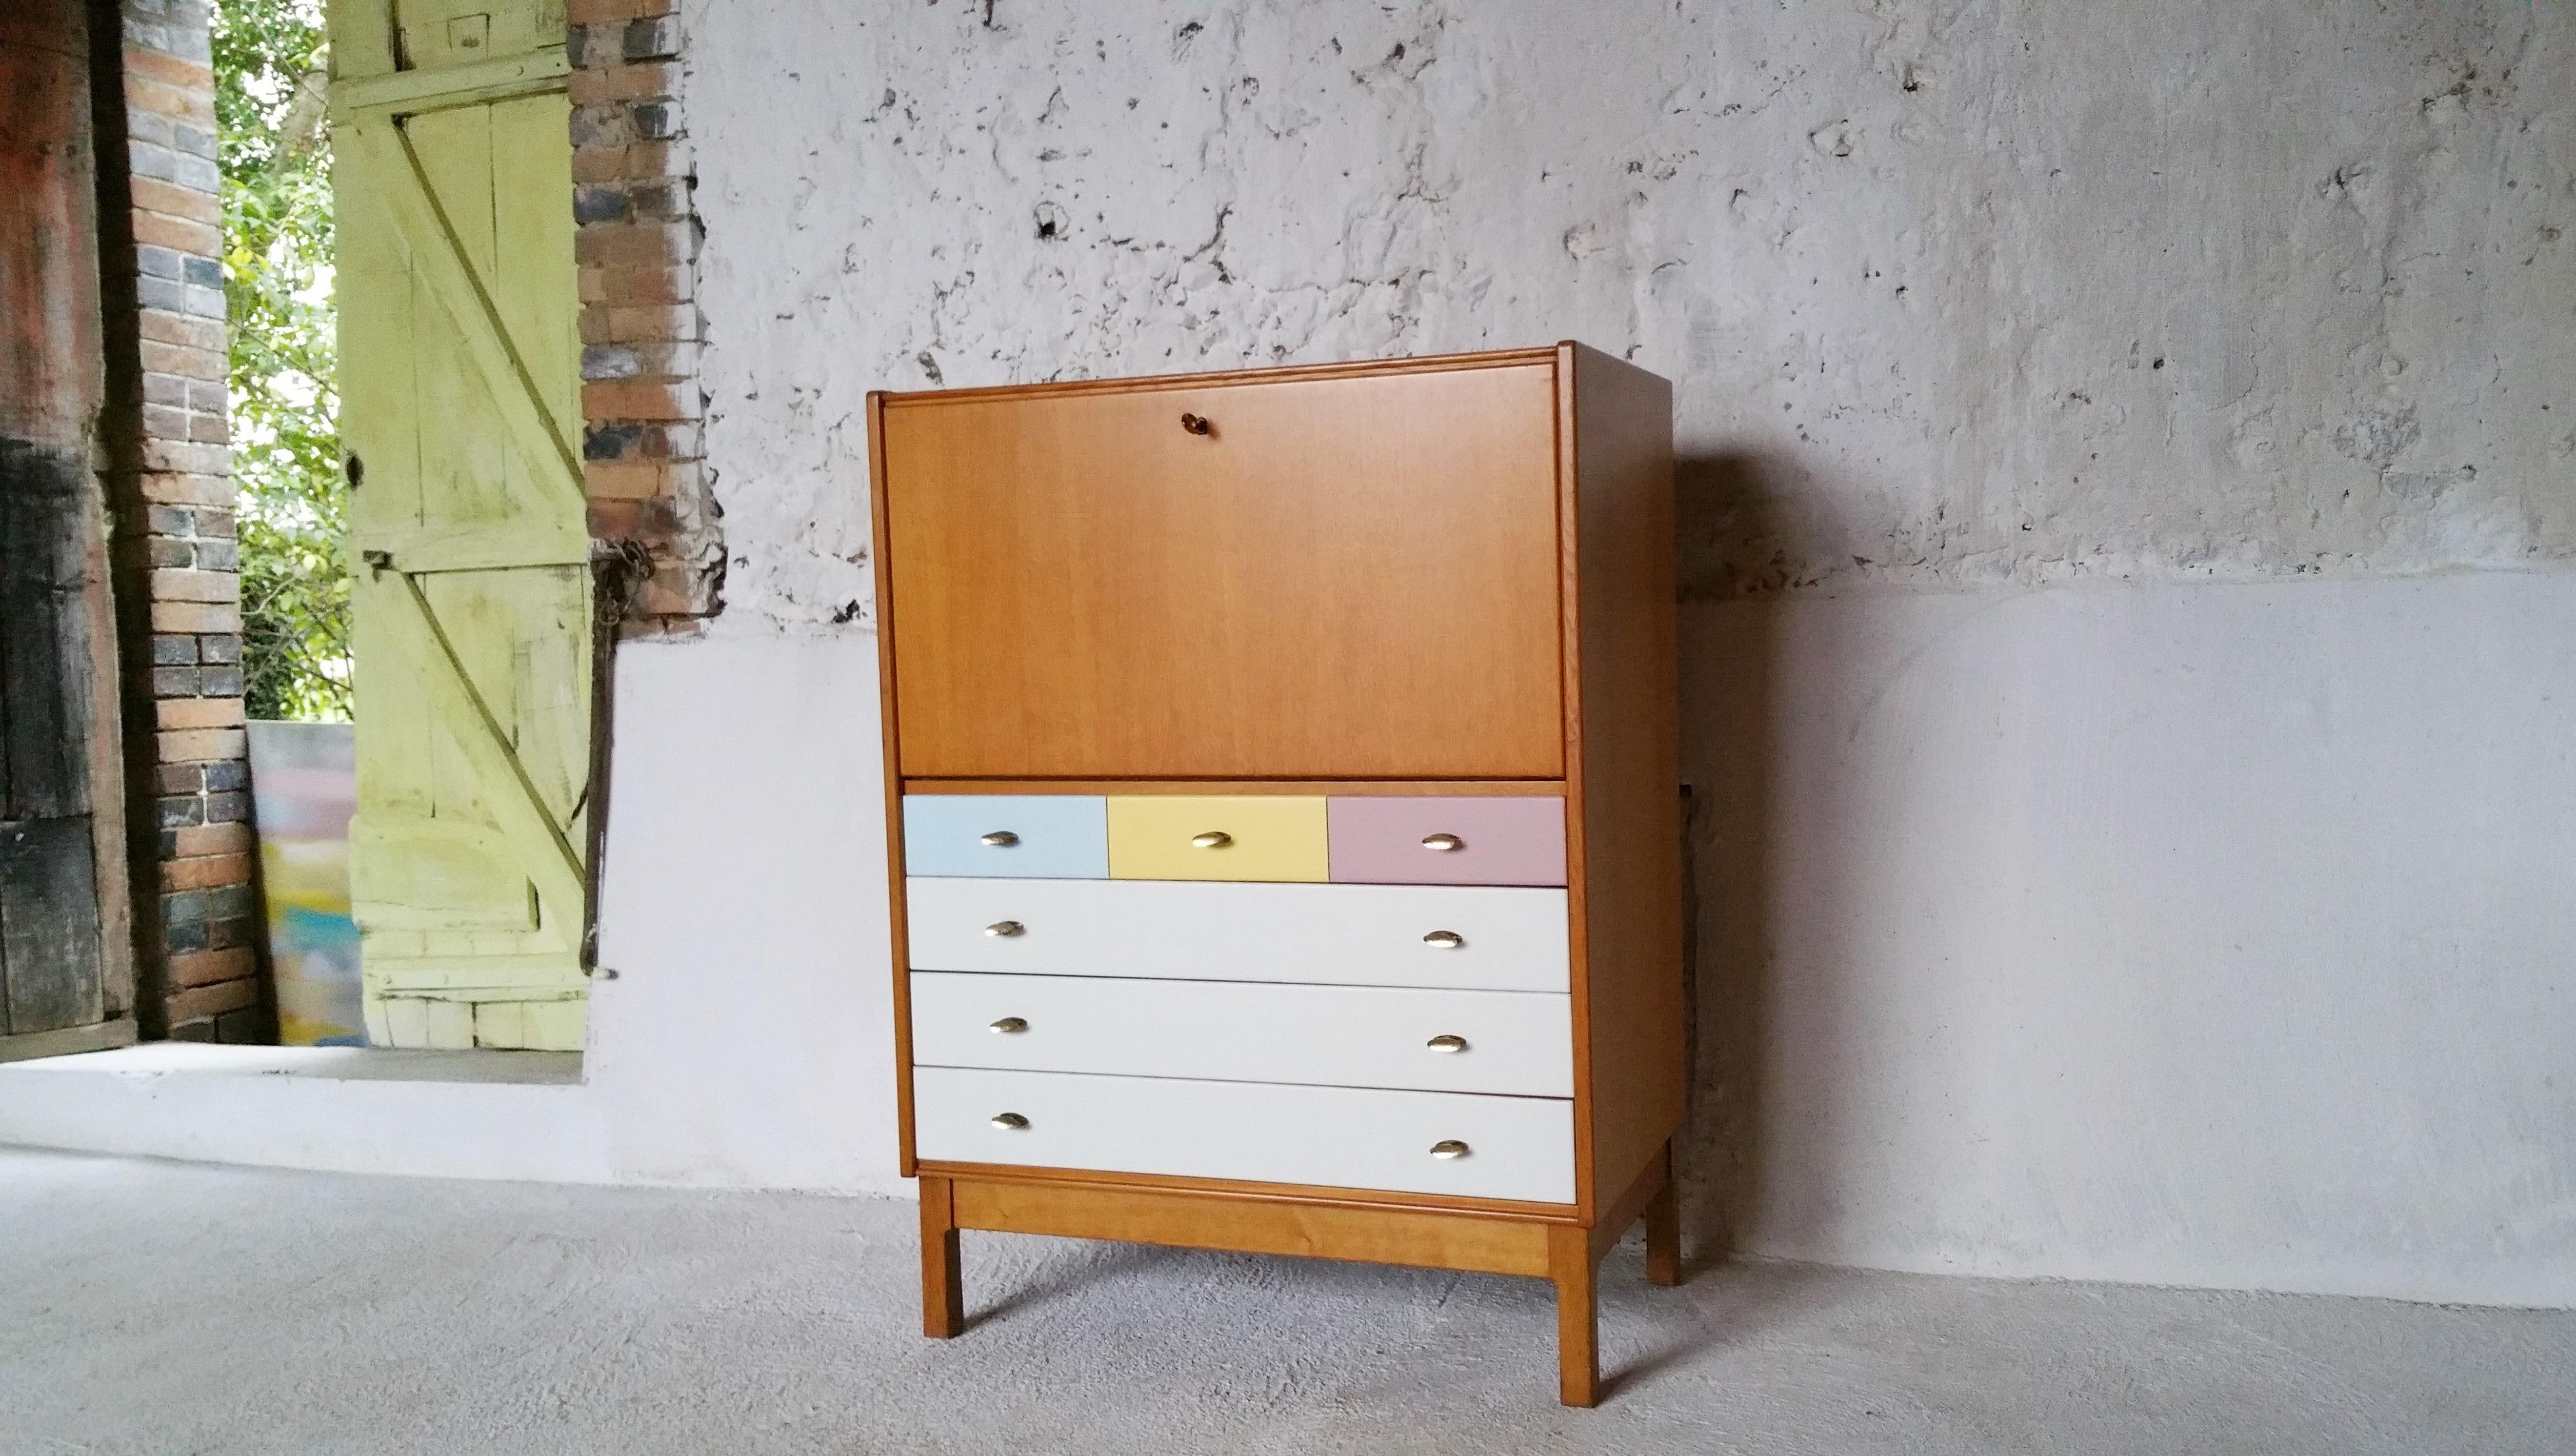 Secr taire bois massif id e int ressante pour la conception de meubles en bois qui inspire - Mobilier de bureau dakar ...